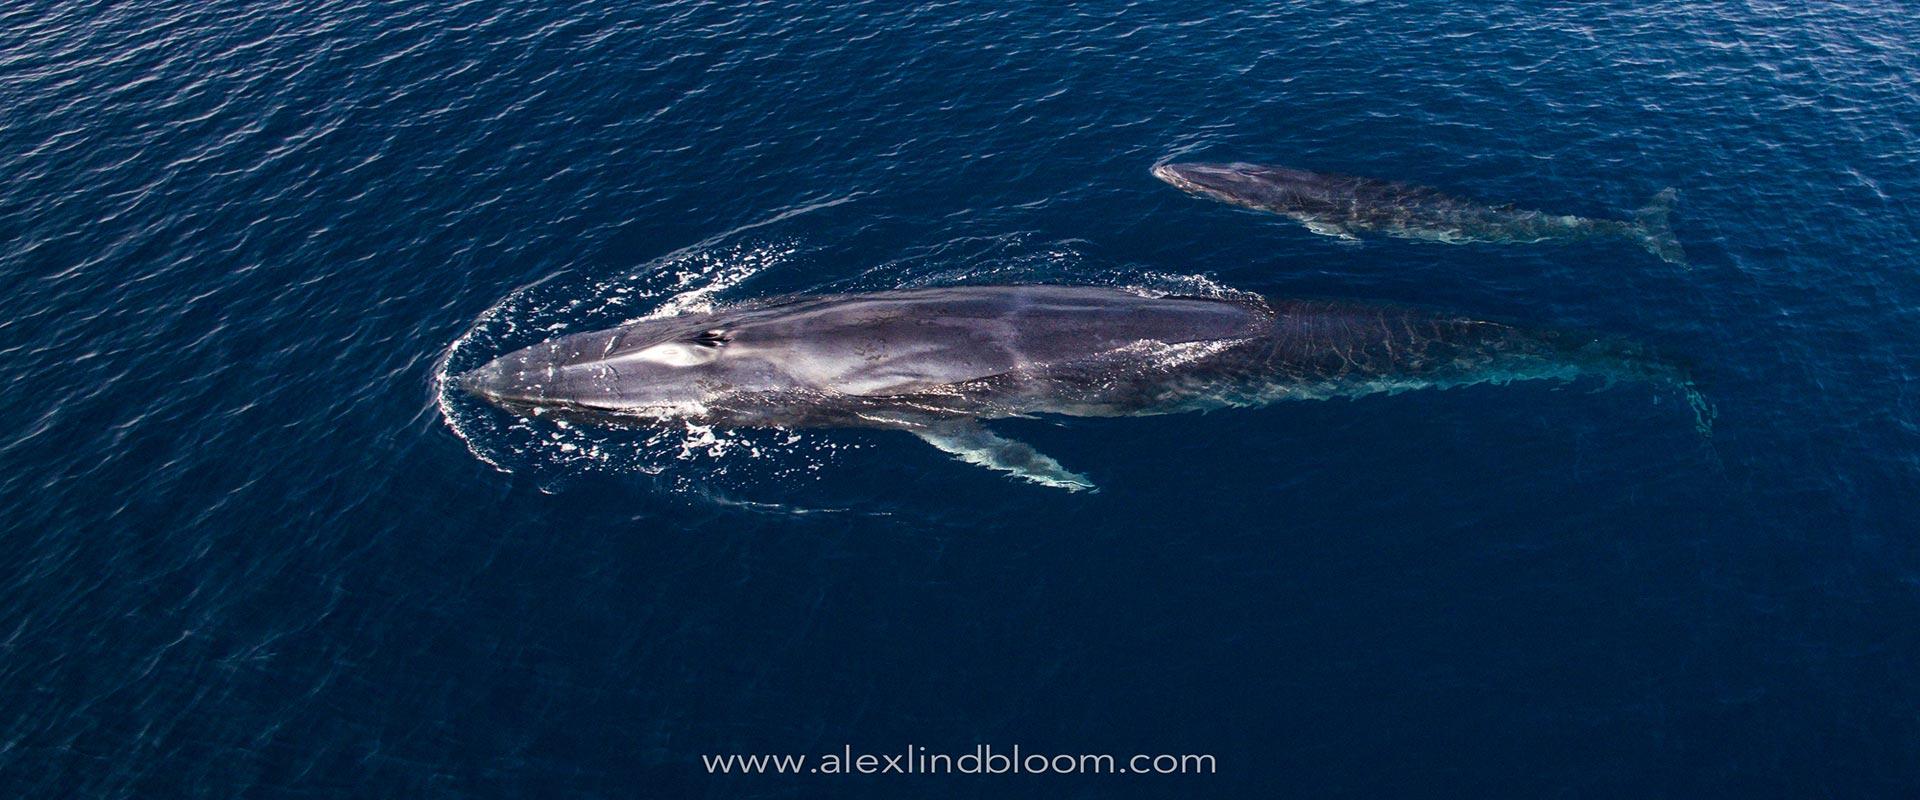 Omura-whale-header